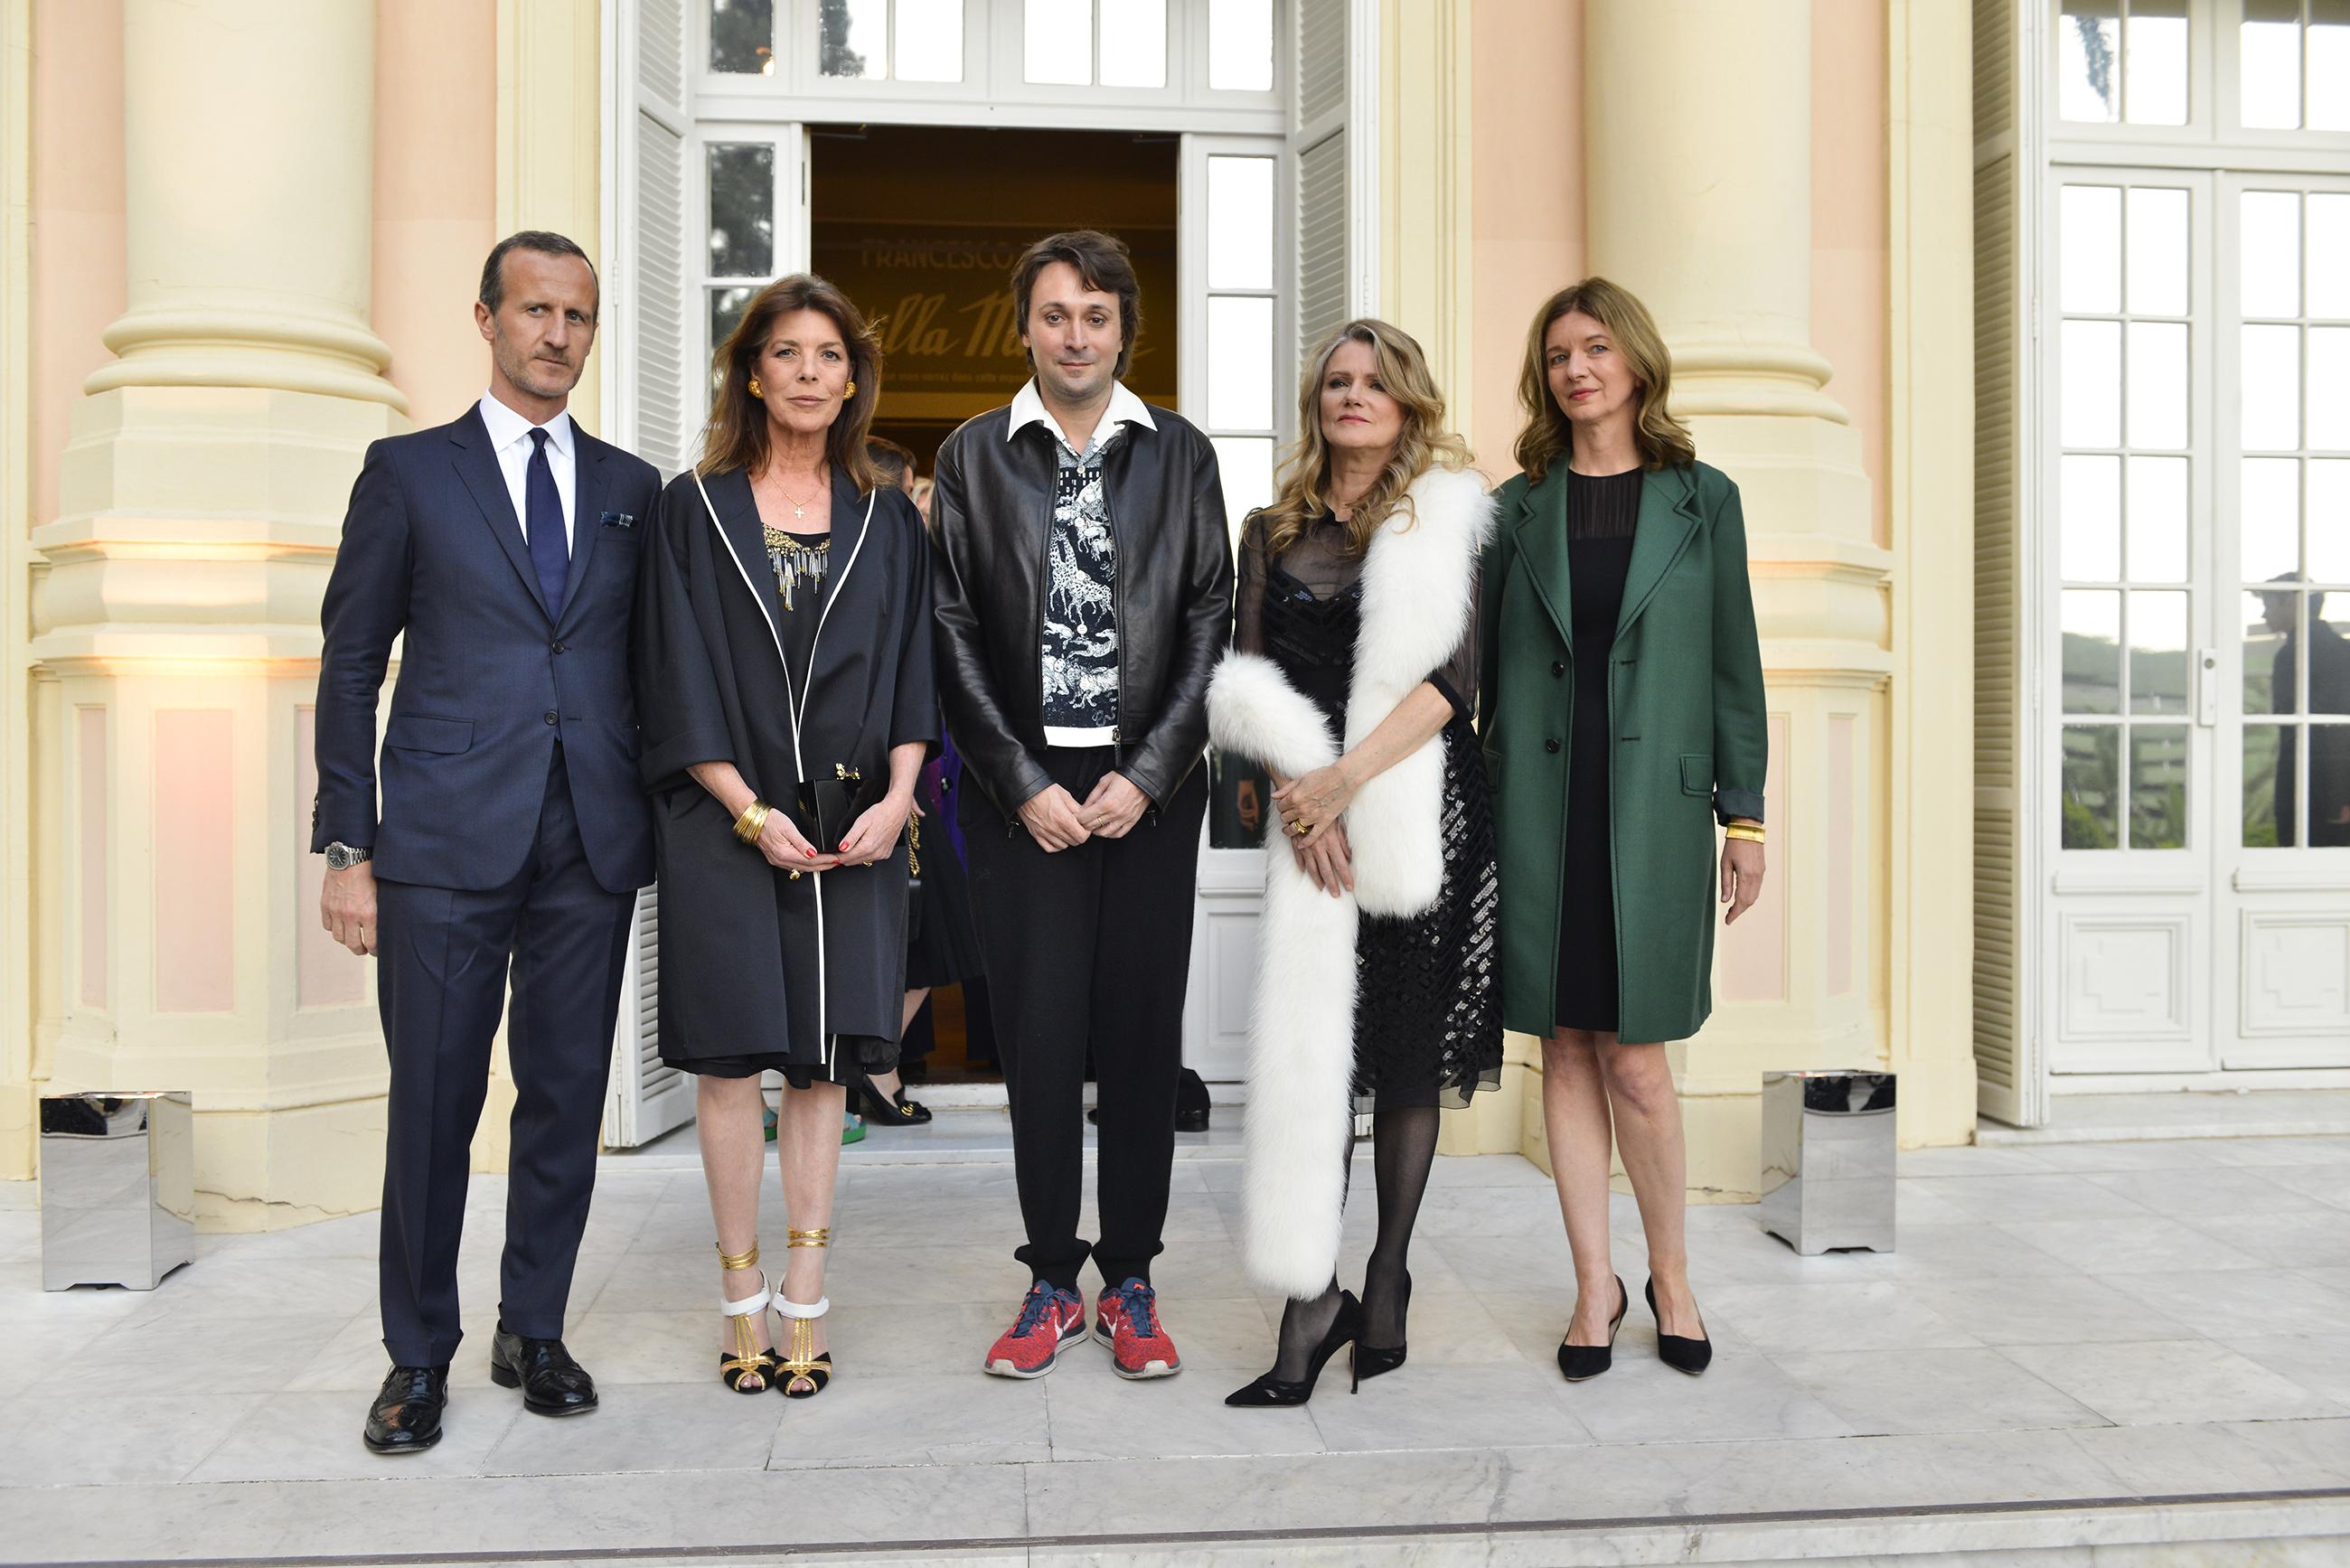 Stefano Cantino, Caroline of Hanover, Francesco Vezzoli, Barbara Sukowa, Astrid Welter